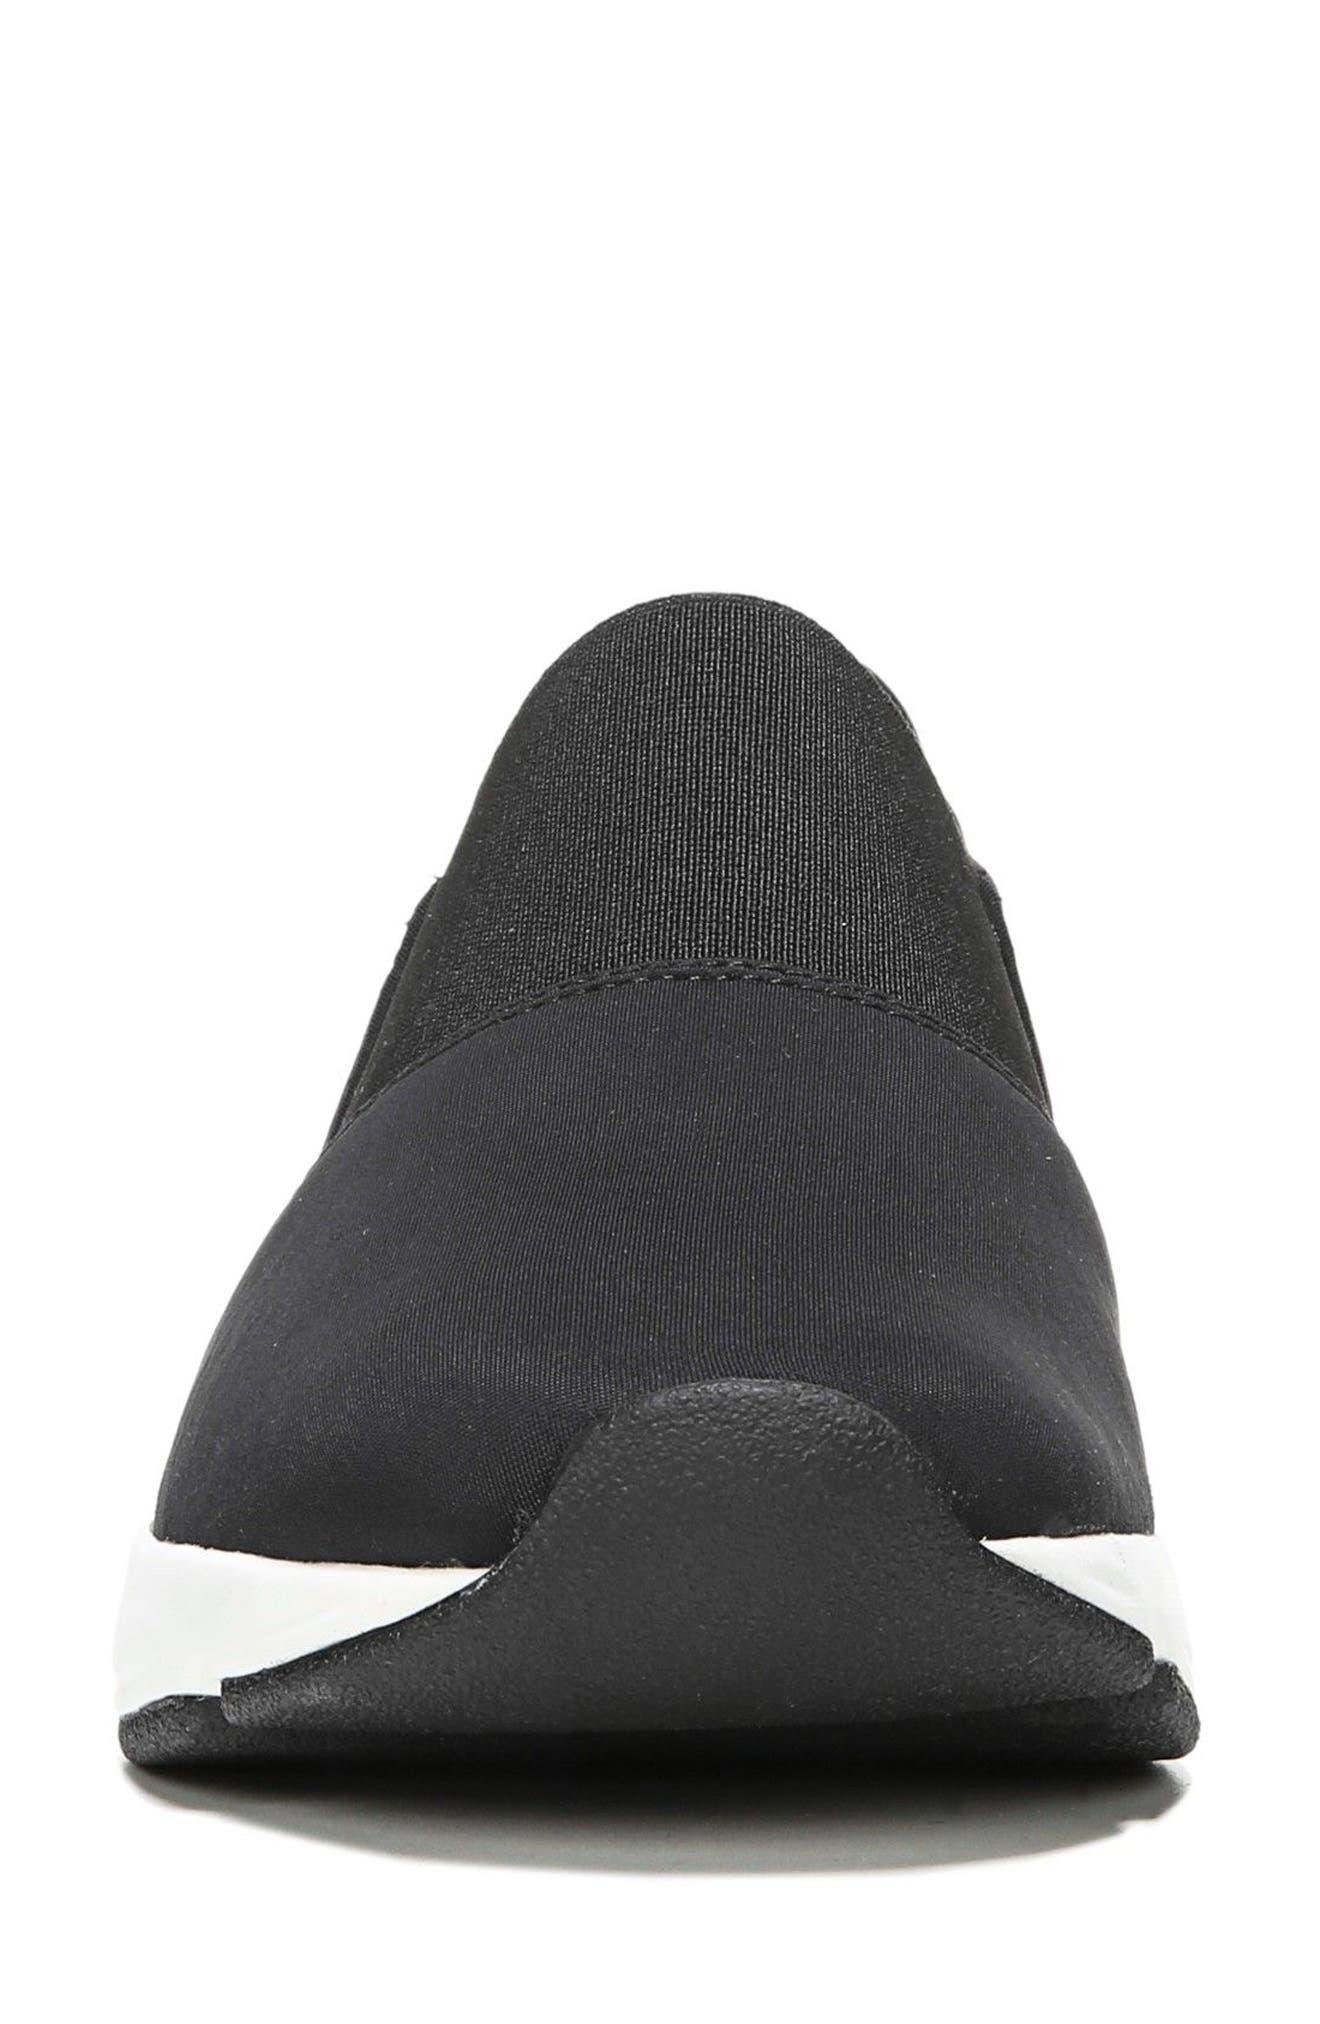 Truscott Slip-On Sneaker,                             Alternate thumbnail 4, color,                             001